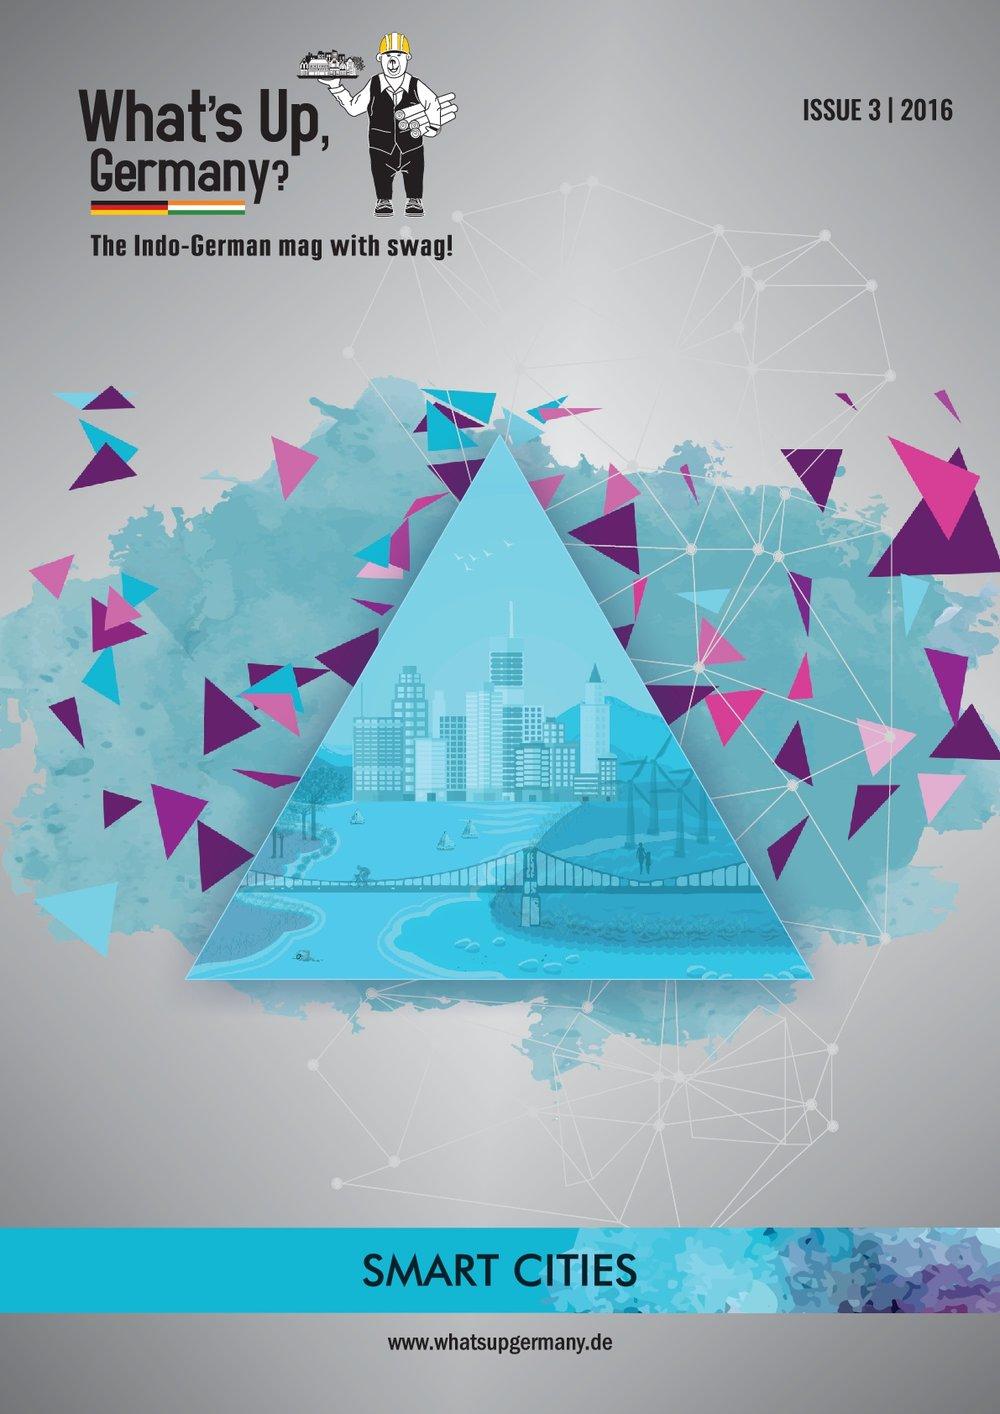 smart-cities-001.jpg